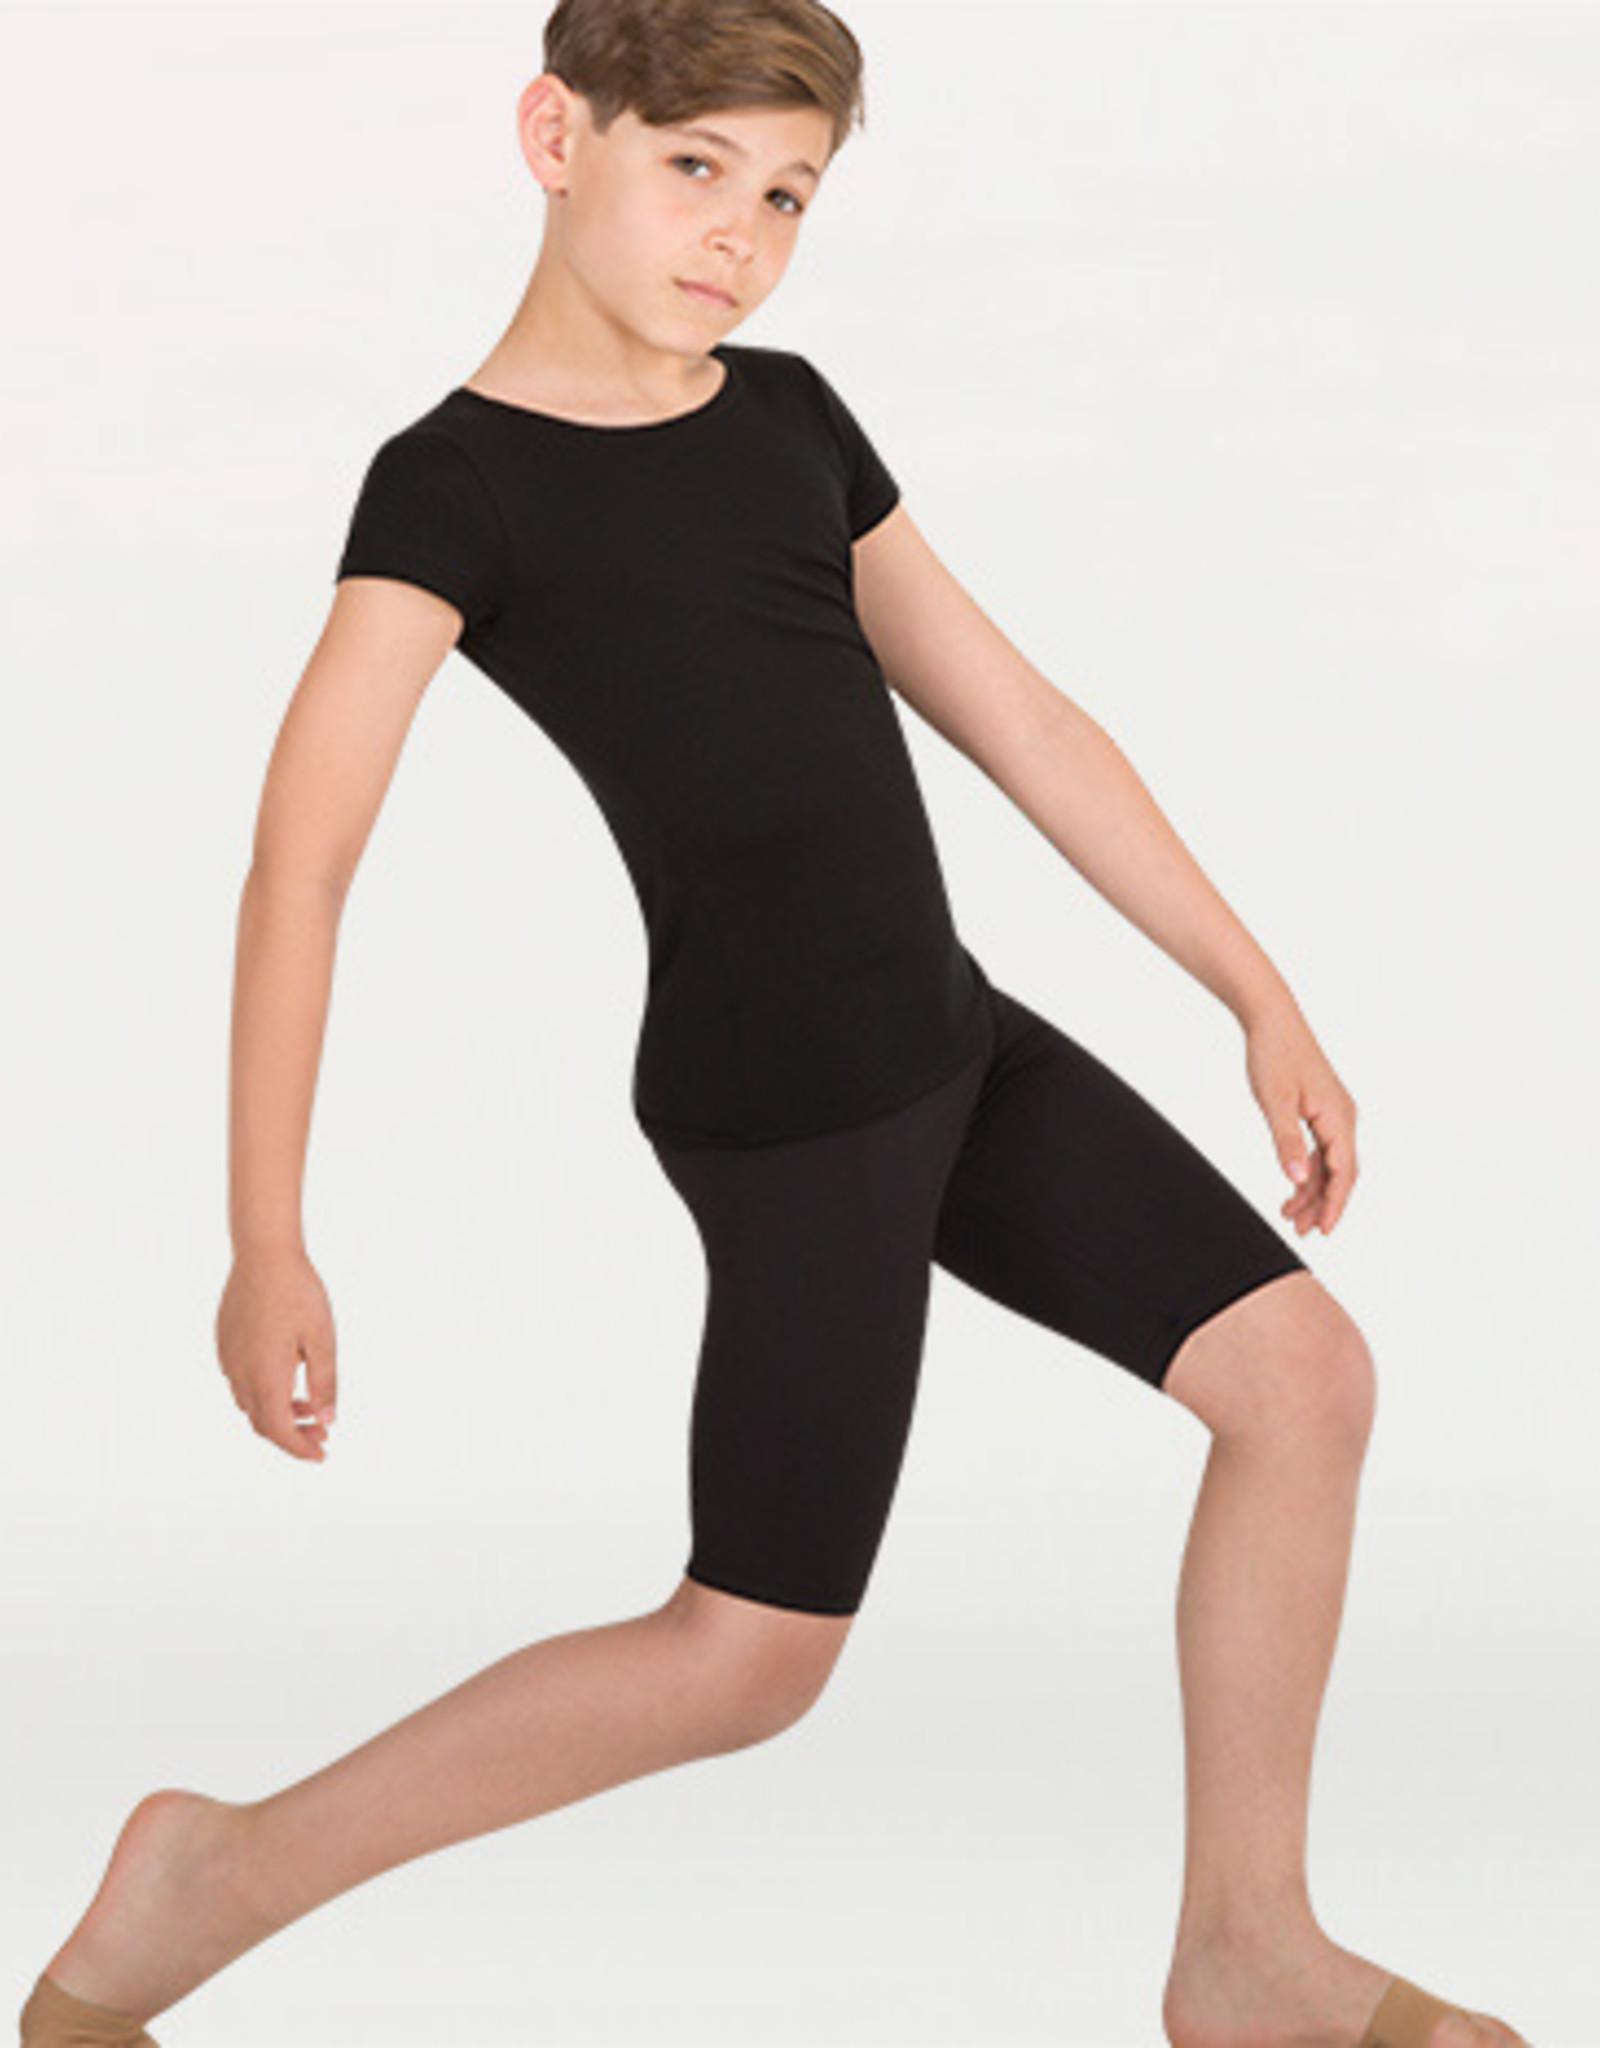 BOYS BALLET SHORT SLEEVE PULLOVER (B400)